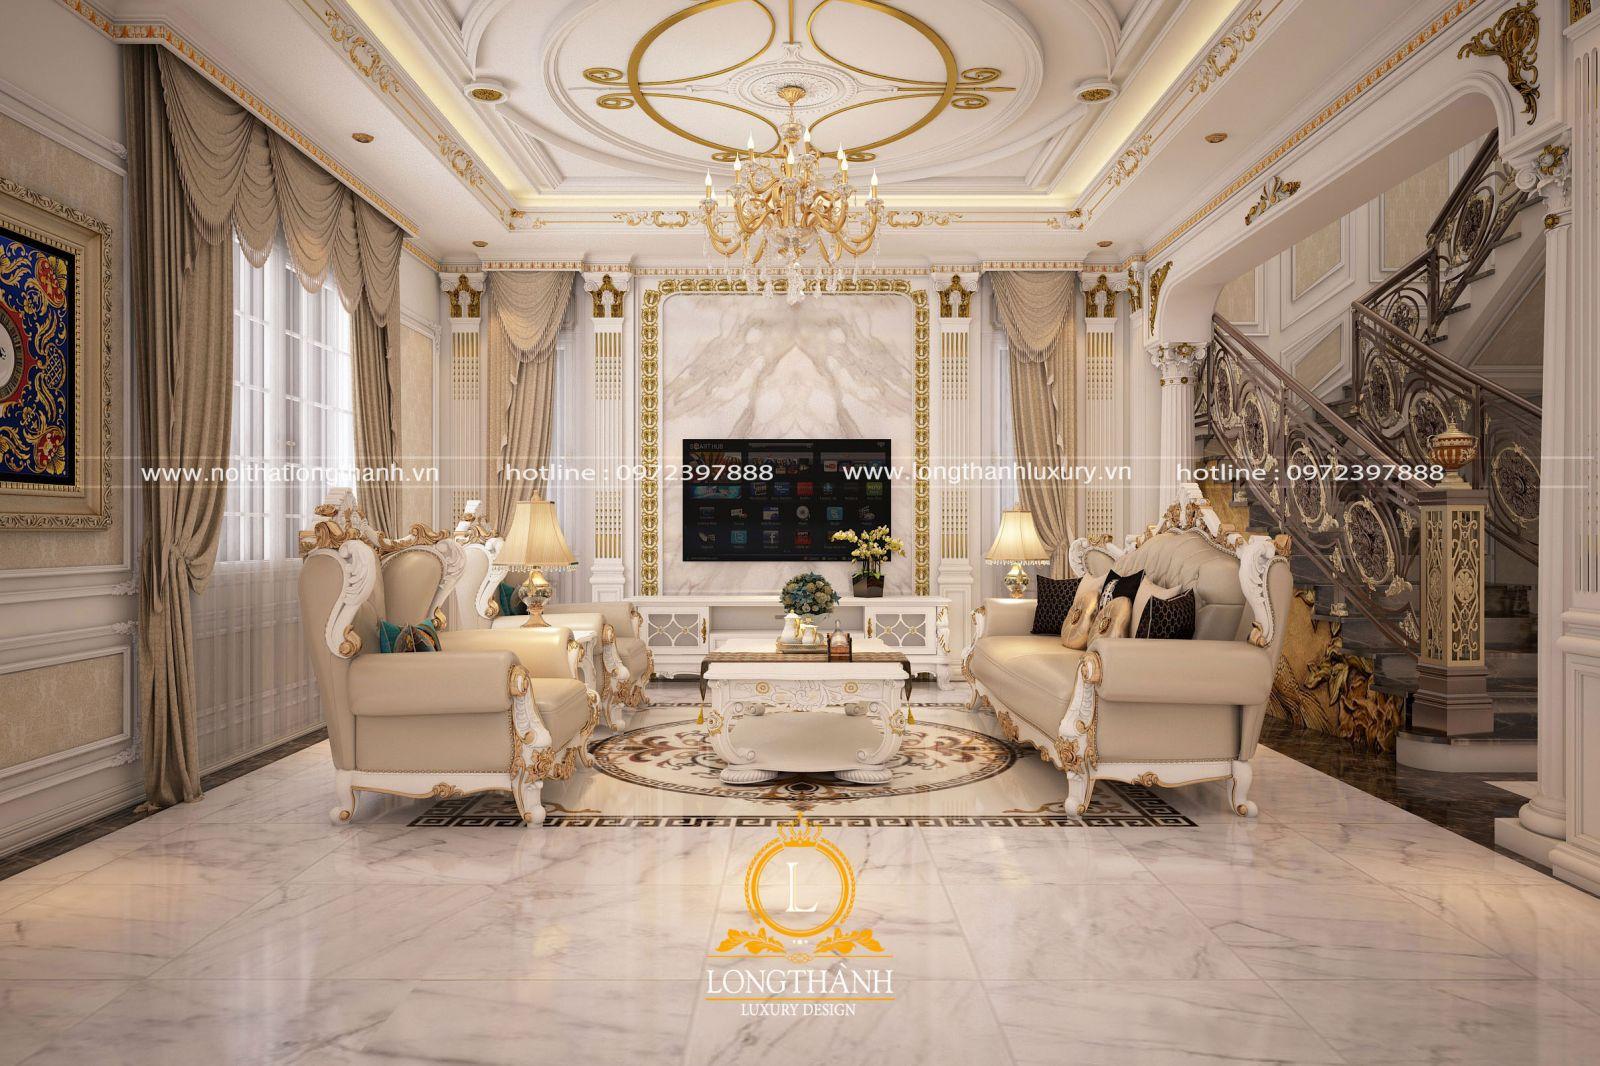 Phong cách tân cổ điển được ứng dụng trong không gian biệt thự cao cấp